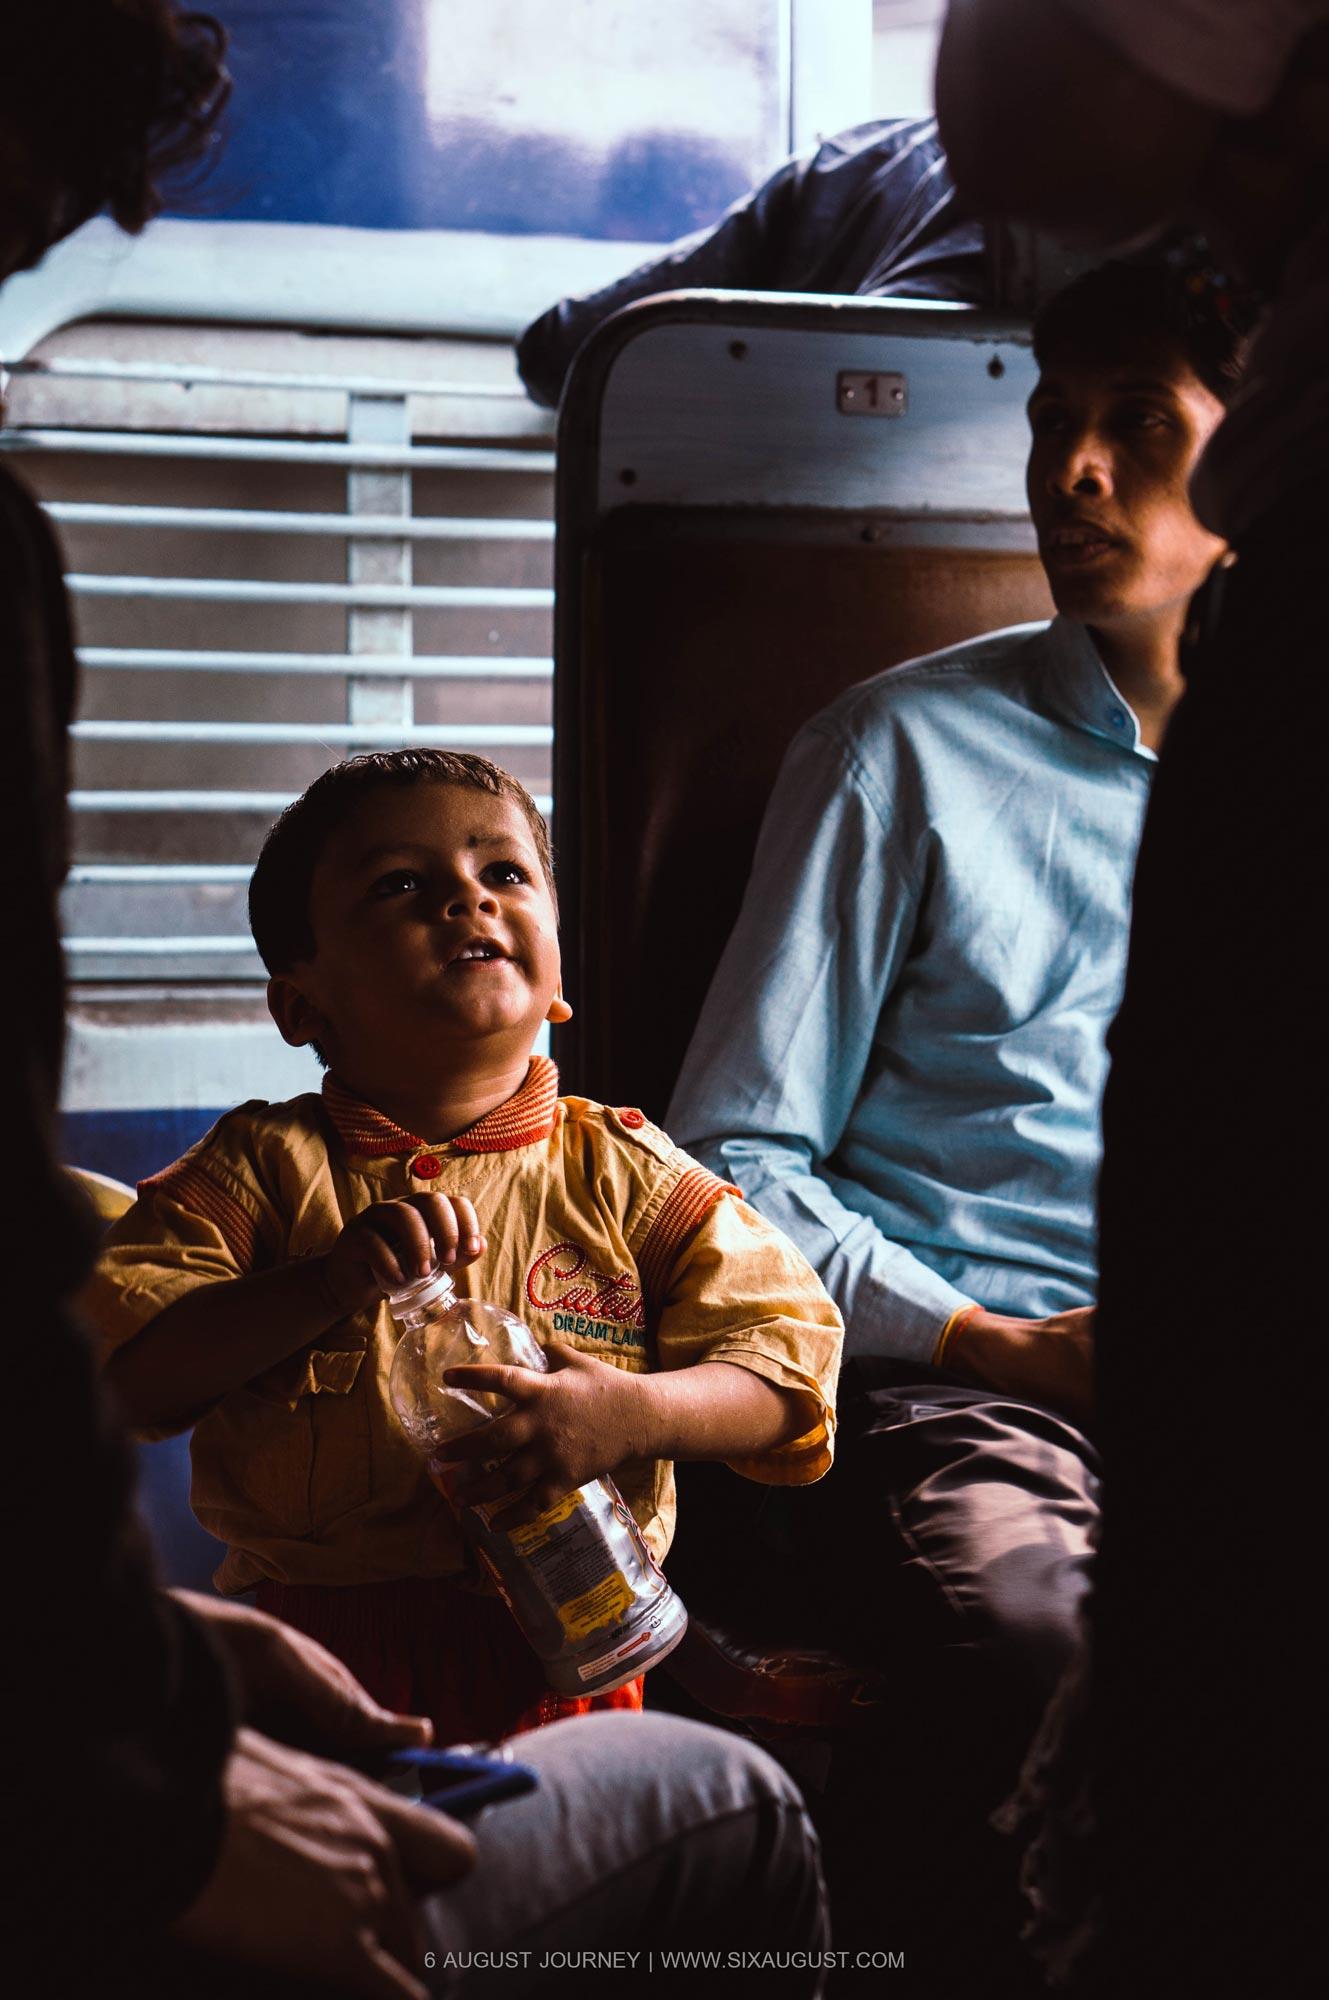 เด็กบนรถไฟ